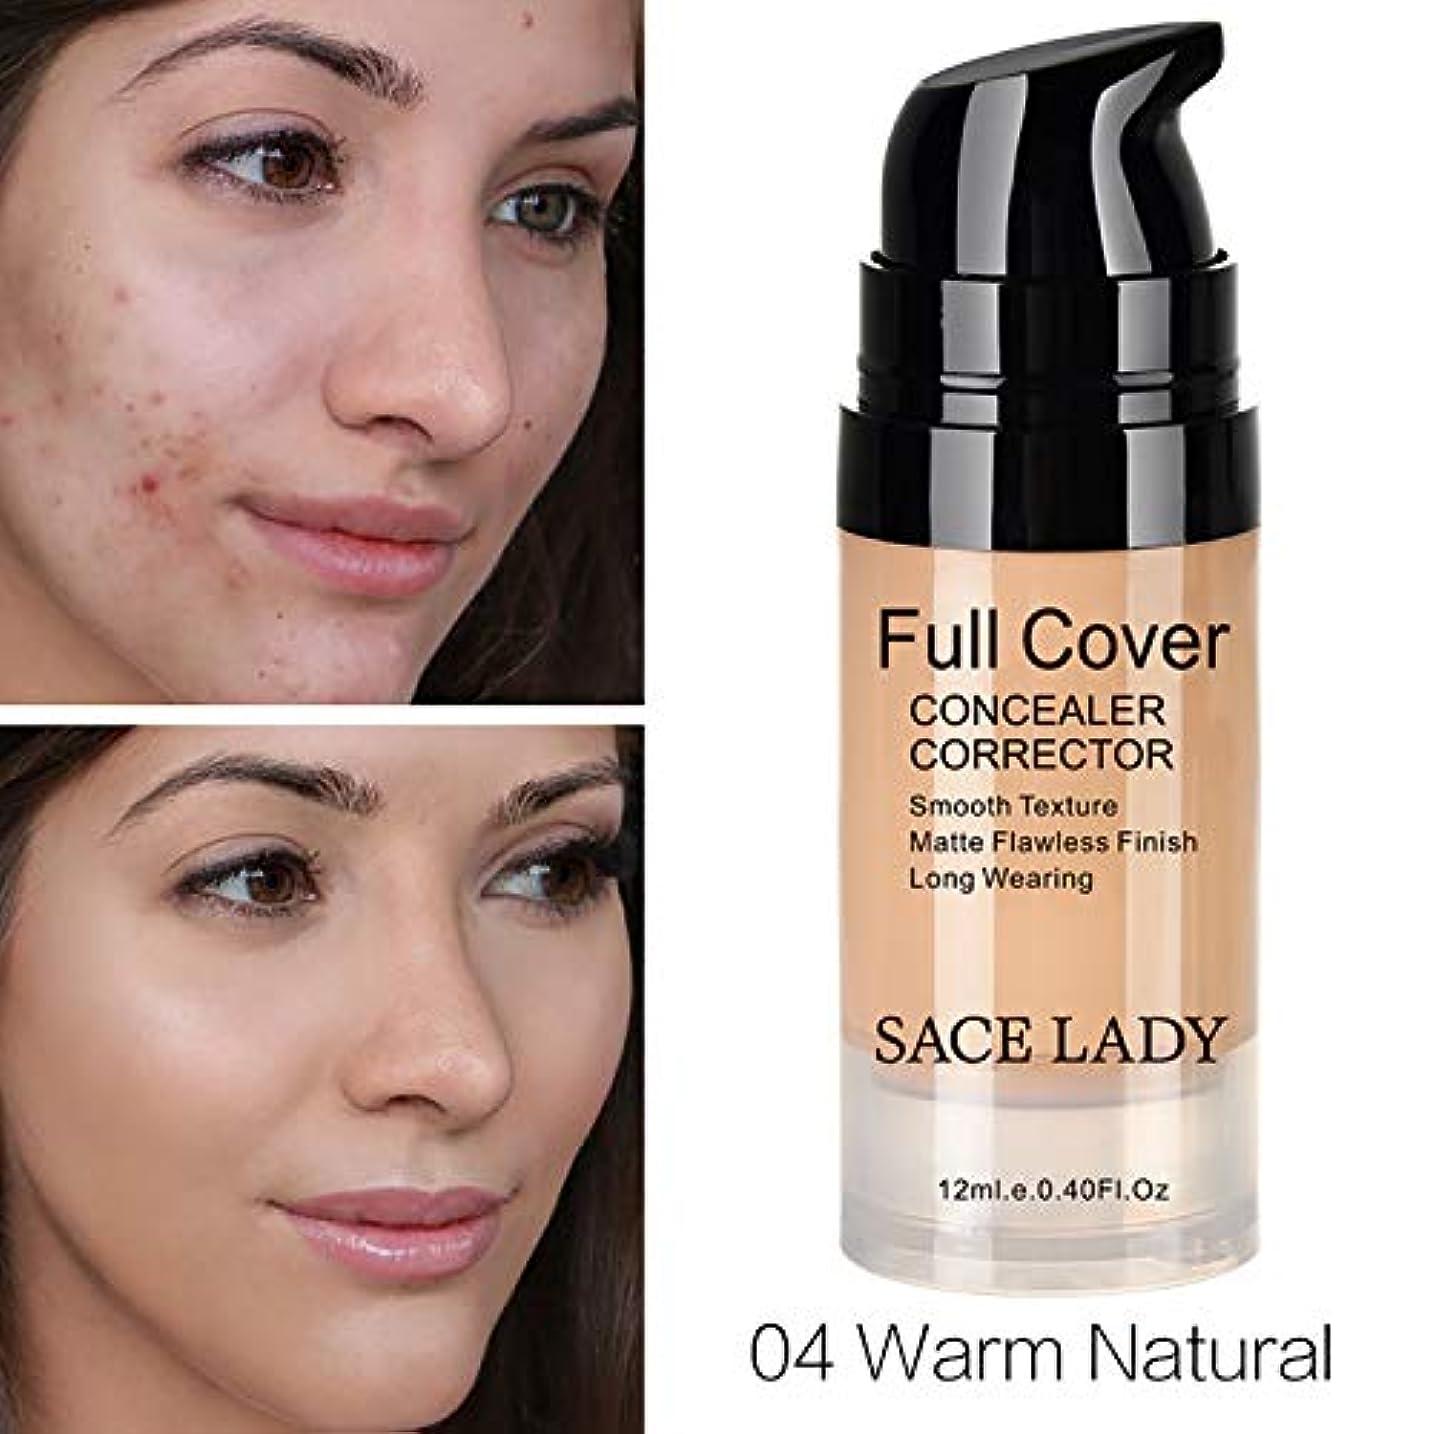 ヨーグルト港球状SACE LADY Full Cover Liquid Concealer Lightweight Smooth Matte Finish Corrector For Dark Circles Makeup (12ml, Warm Natural)